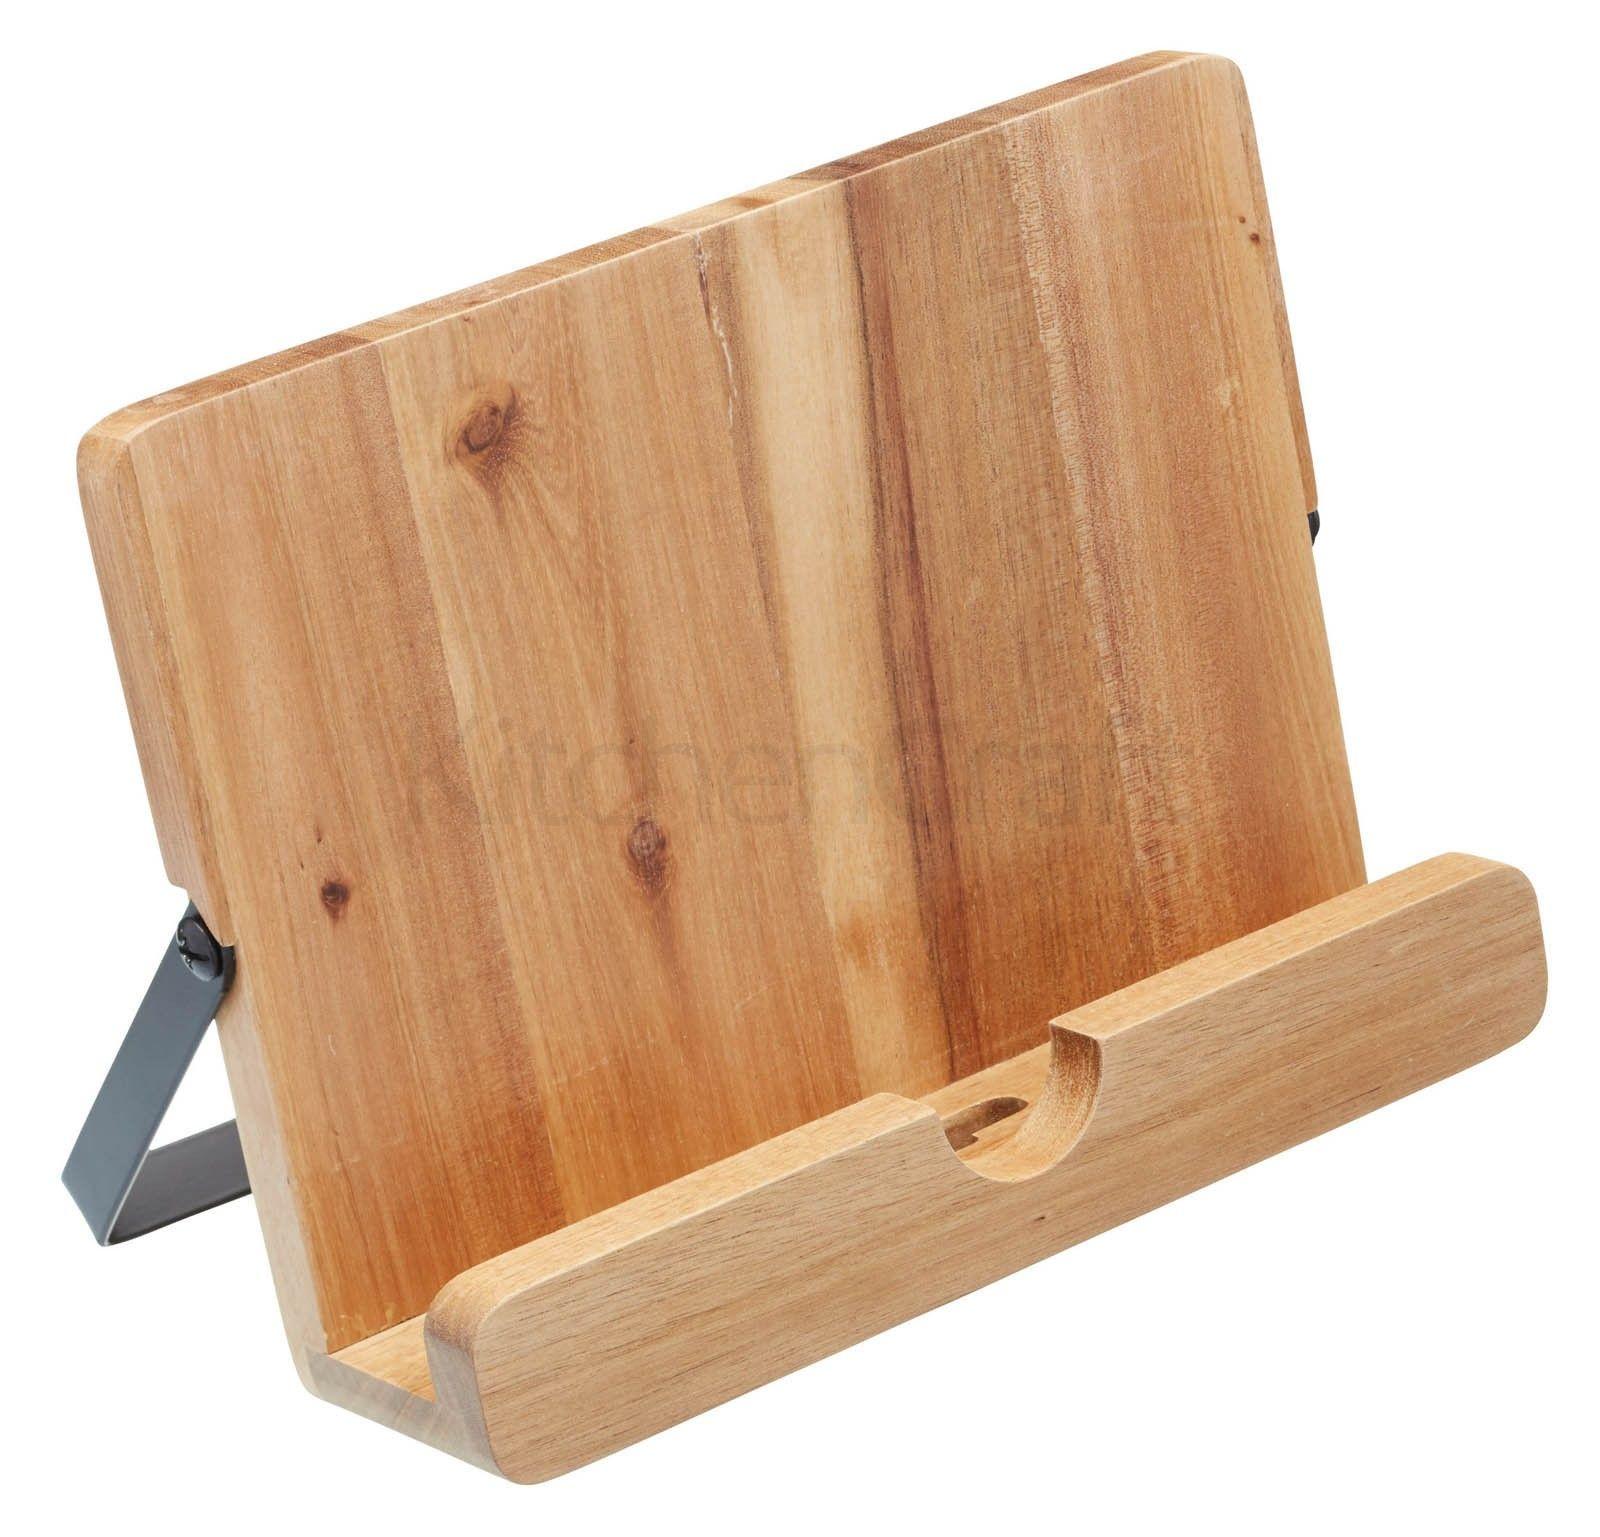 J'opte pour un matériau noble avec ce lutrin en acacia qui accueillera ma tablette tactile http://www.deco-et-saveurs.com/accessoire-de-rangement/4599-lutrin-de-cuisine-en-bois-kitchencraft-5028250509895.html